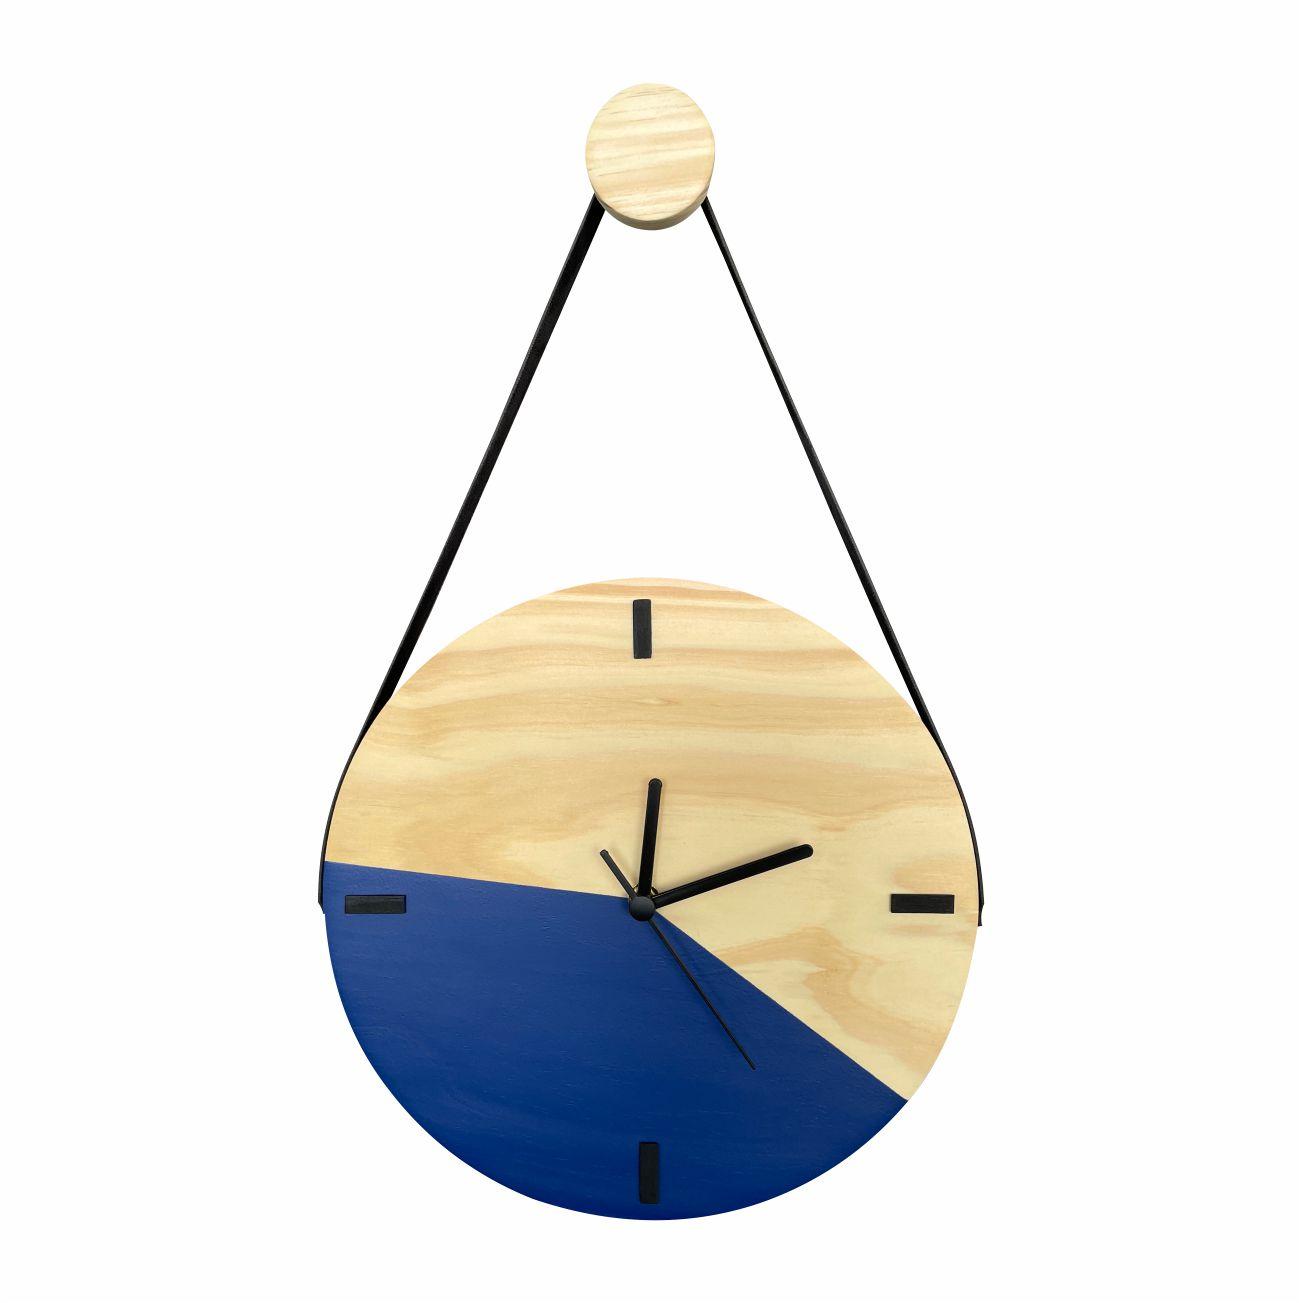 Relógio de Parede Decorativo Escandinavo Duo Azul com Alça + Pendurador